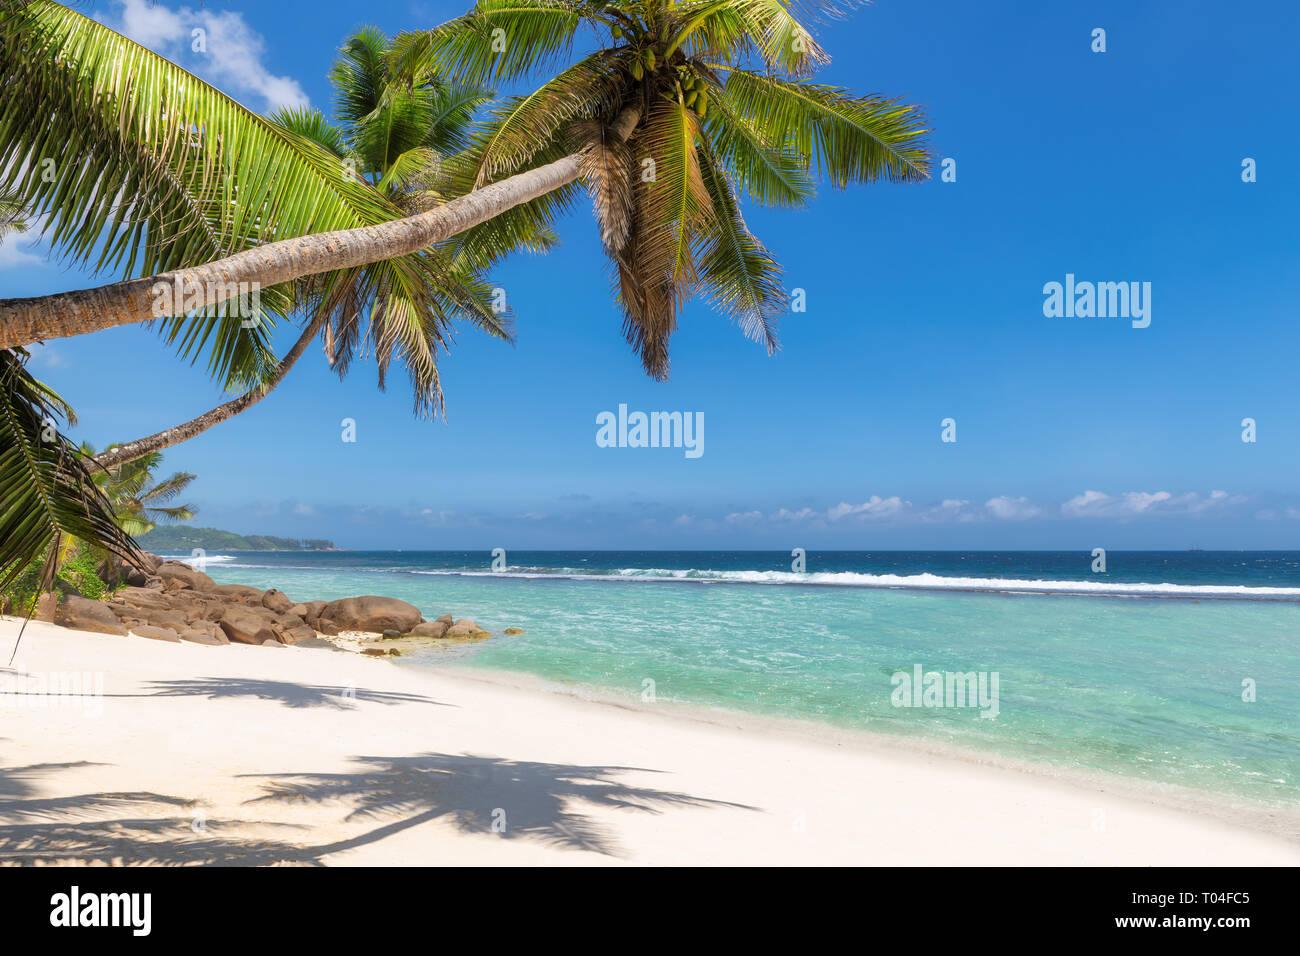 Sunny Beach en Seychelles exótica isla paraíso. Foto de stock